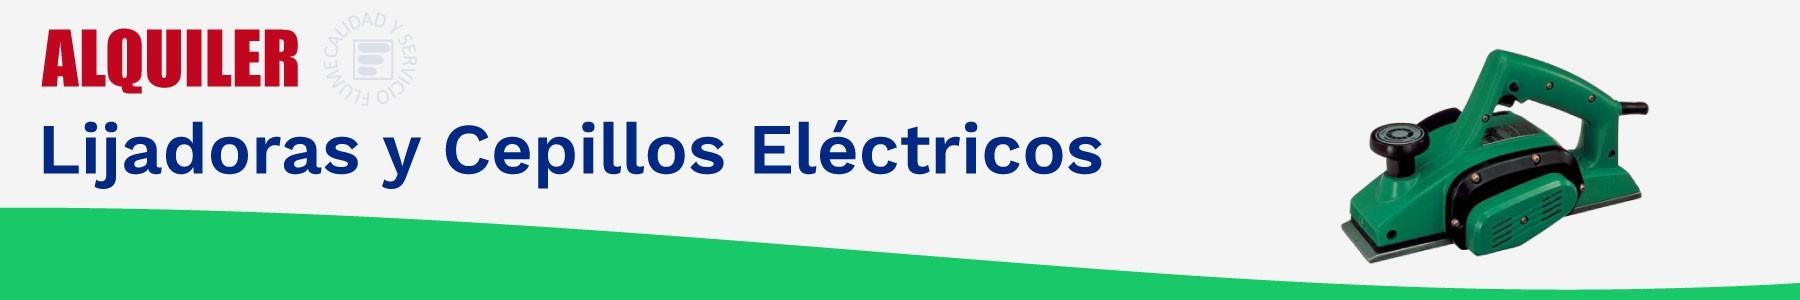 Alquiler lijadoras/cepillos electricos